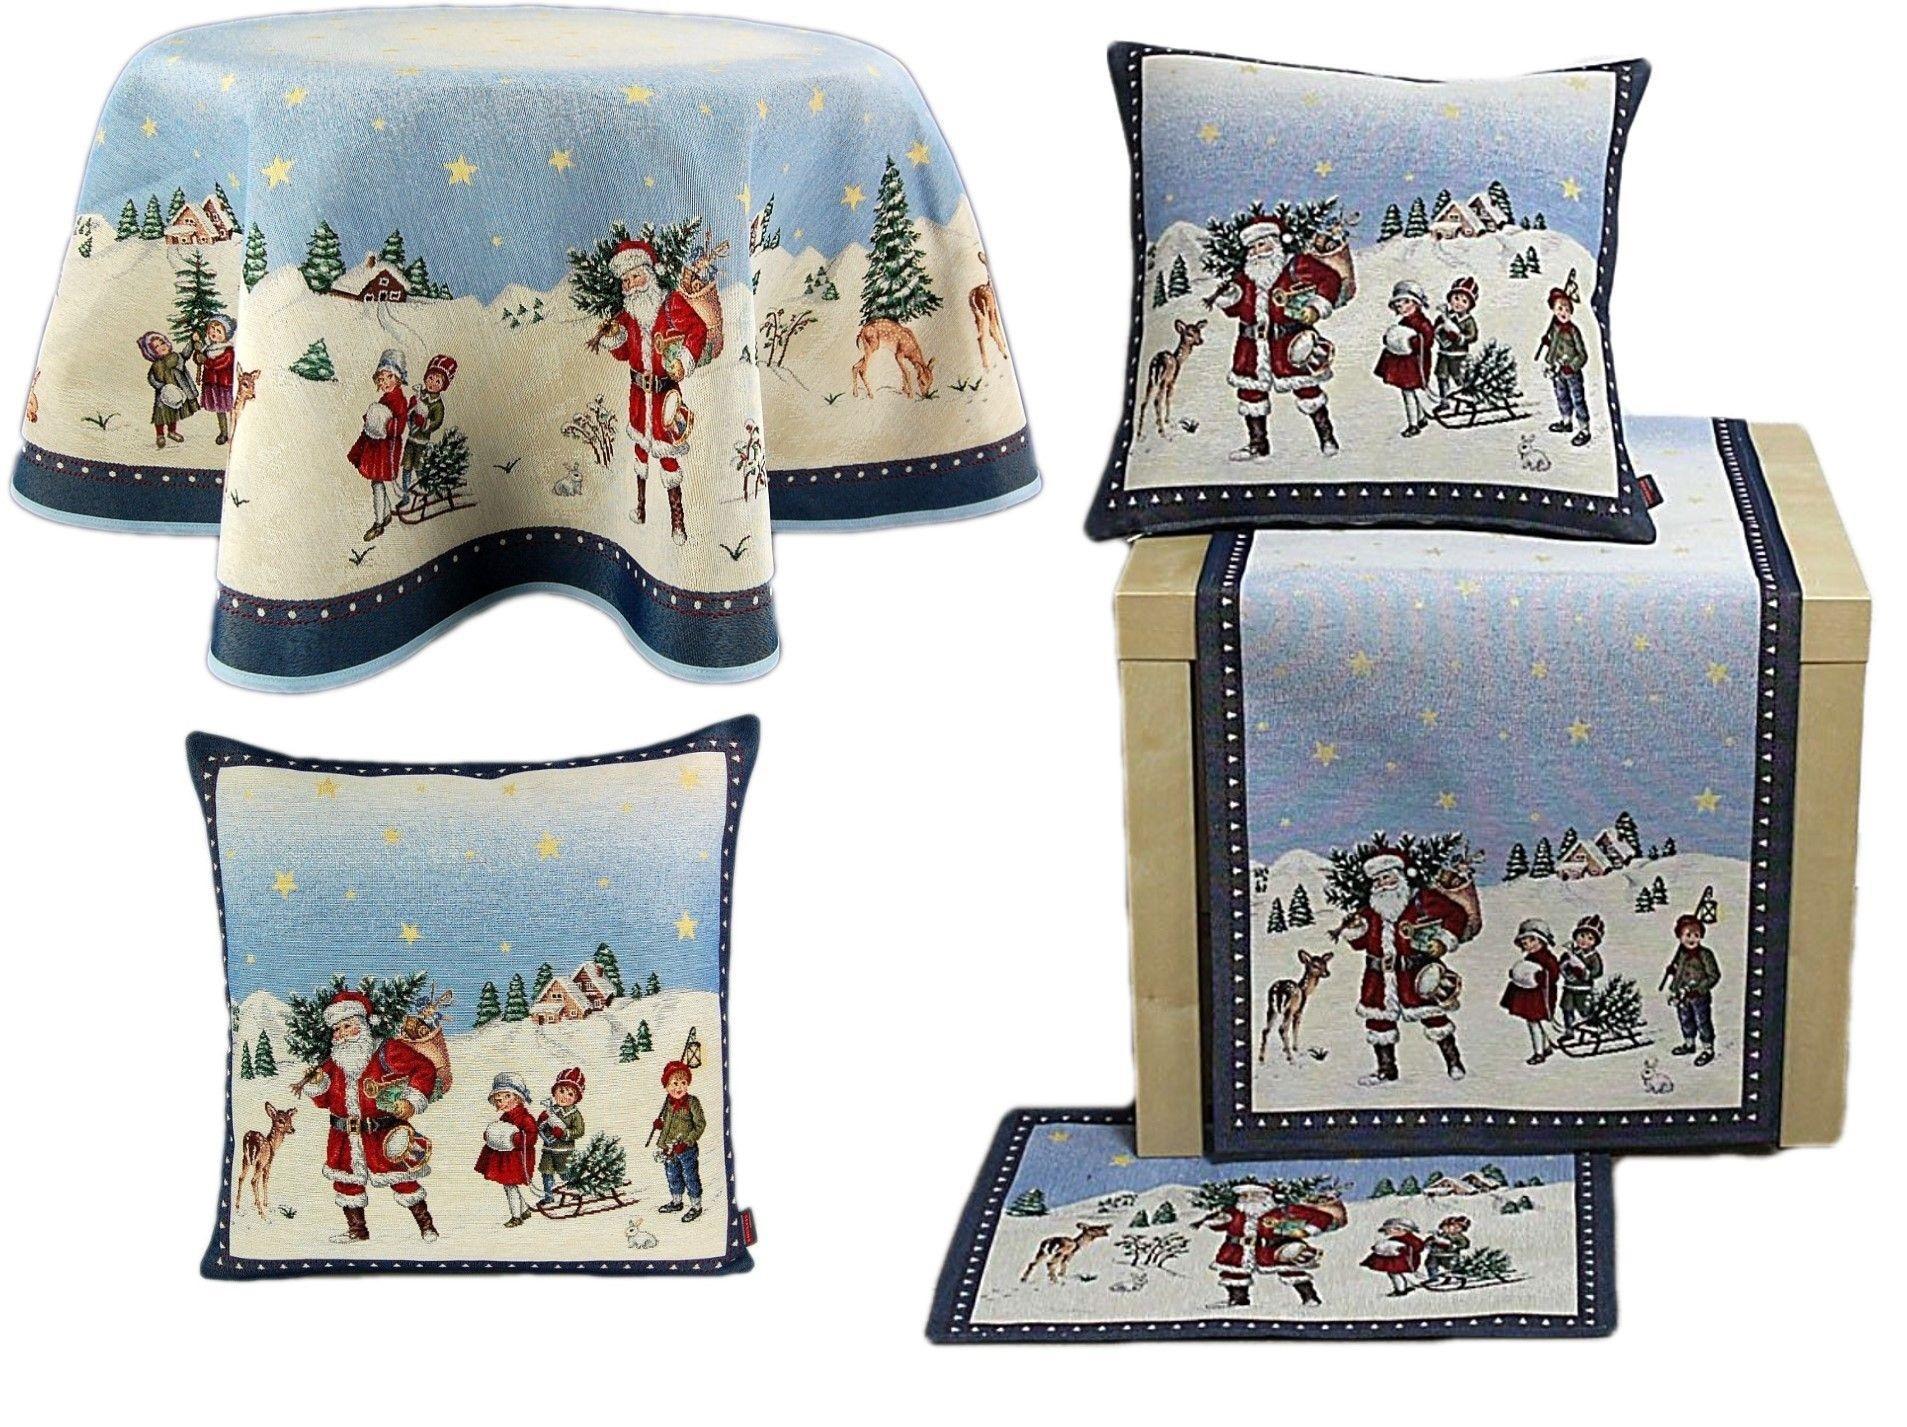 Tischdecke WEIHNACHTEN Gobelin Christmas Nostalgie Läufer Decke Tischläufer